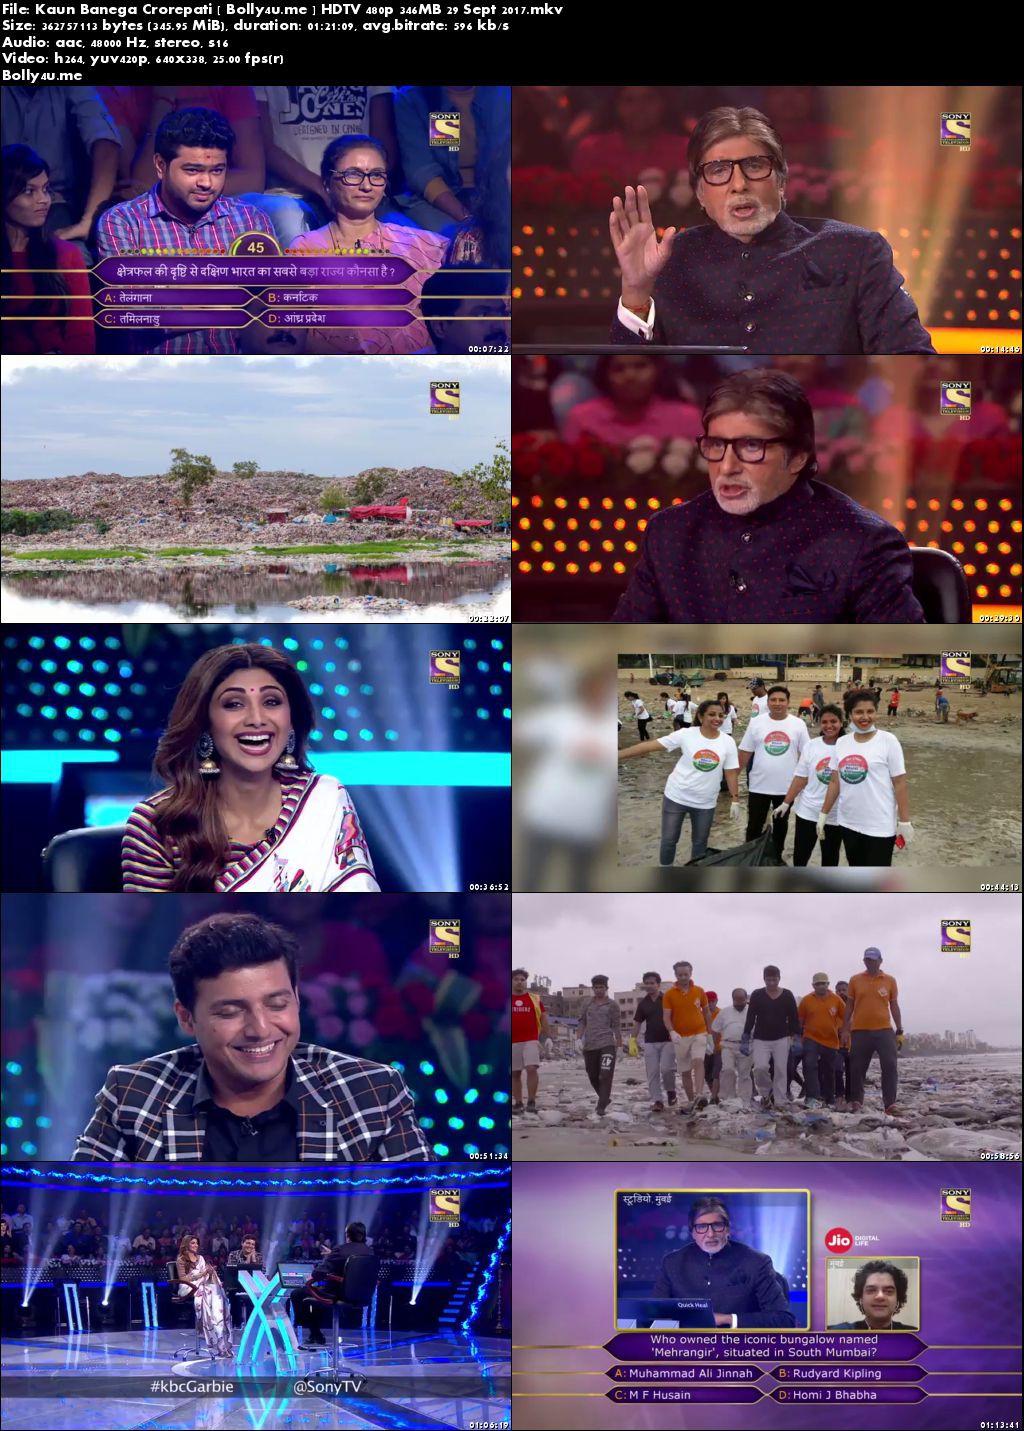 Kaun Banega Crorepati HDTV 480p 350MB 29 Sept 2017 Download